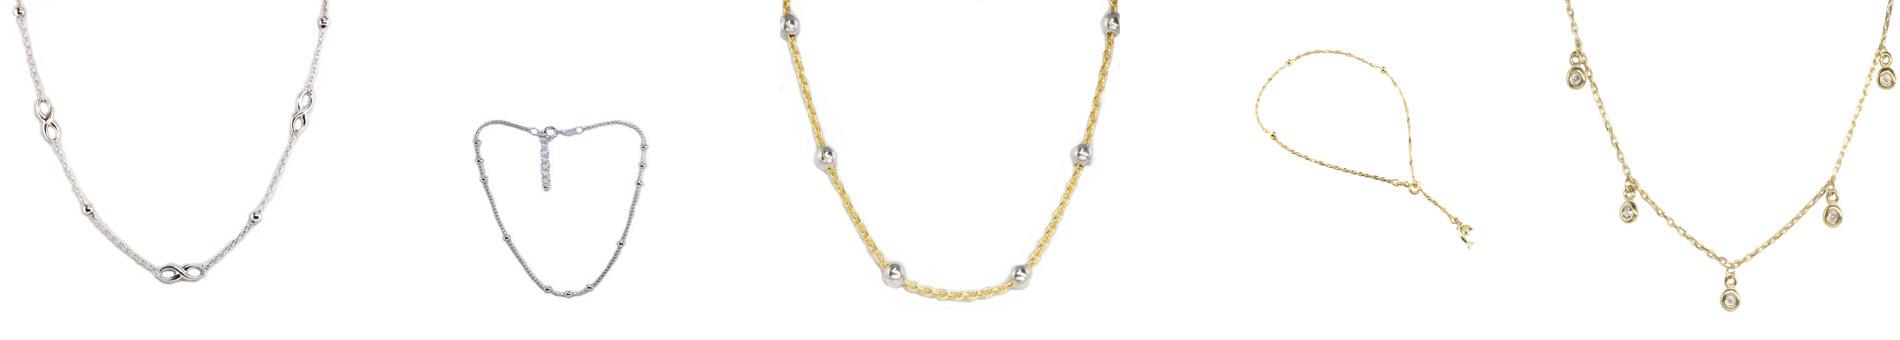 fussketten-gold-und-silber